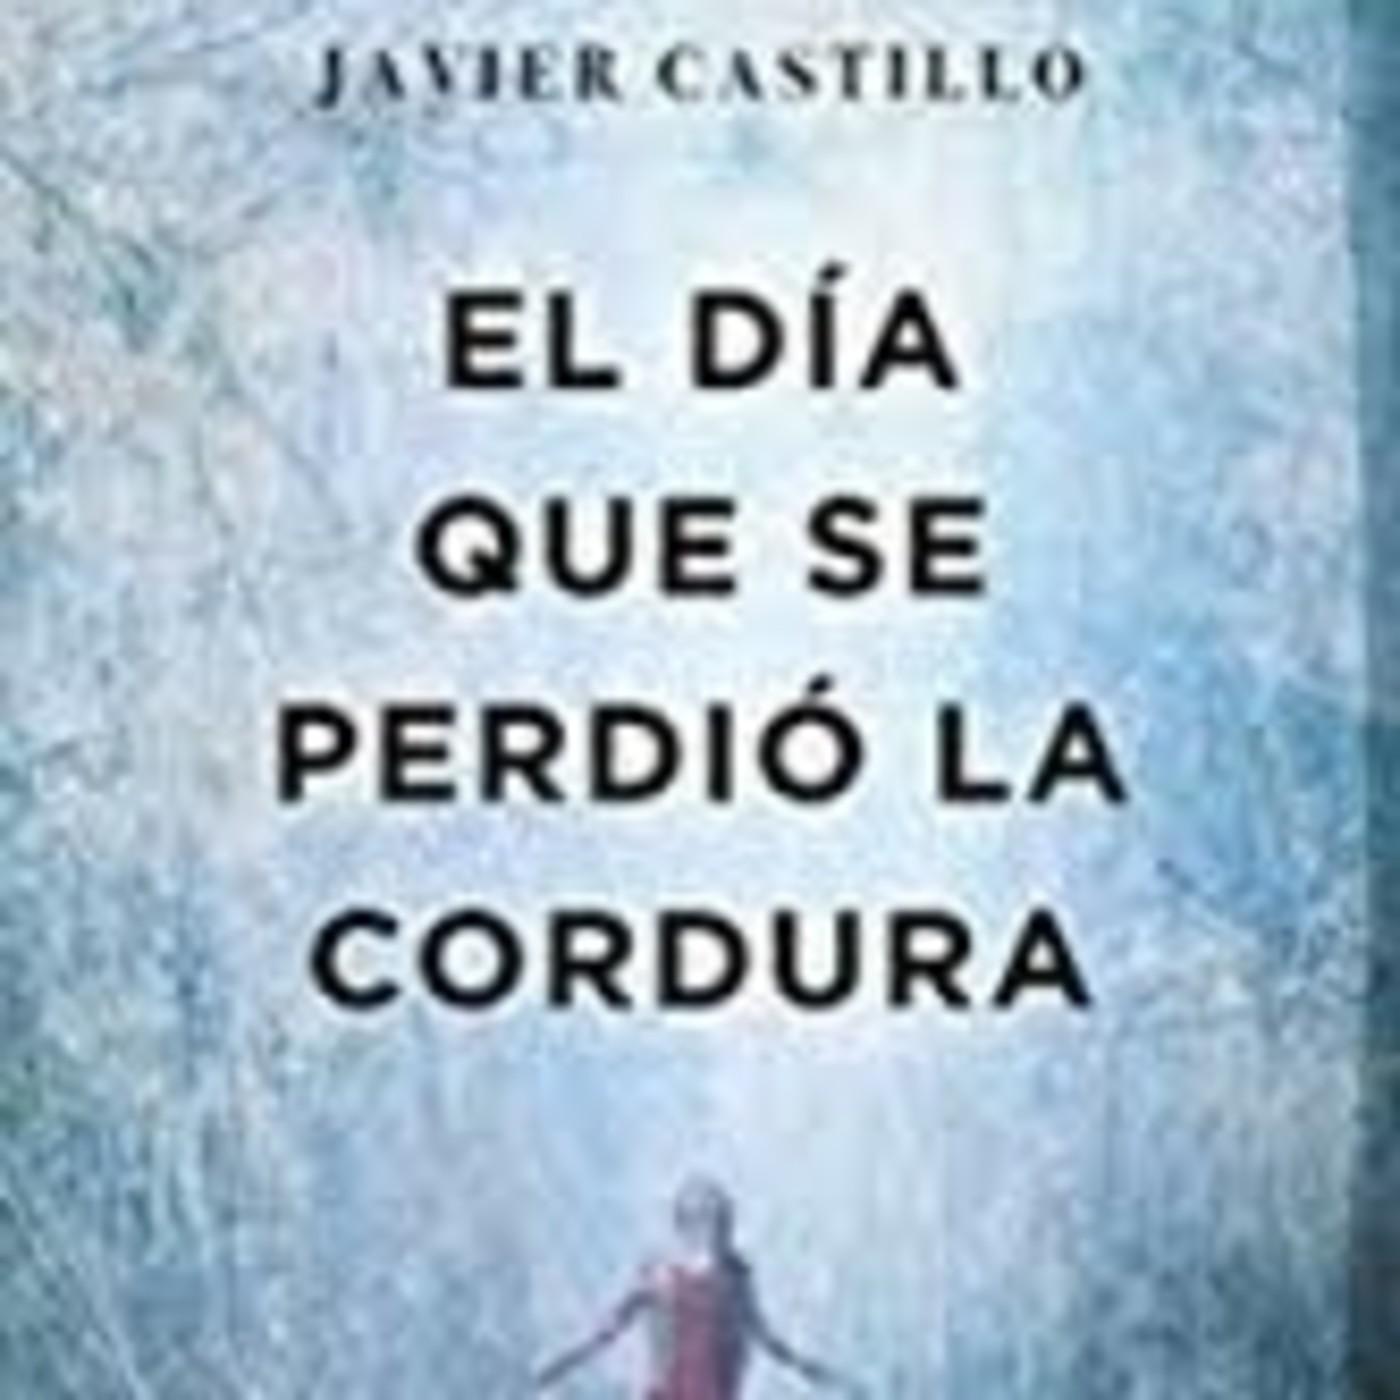 1-El día que se perdio la cordura de Javier Castillo en Elmardeloslibros en  mp3(04/02 a las 14:44:39) 01:24:35 16823934 - iVoox